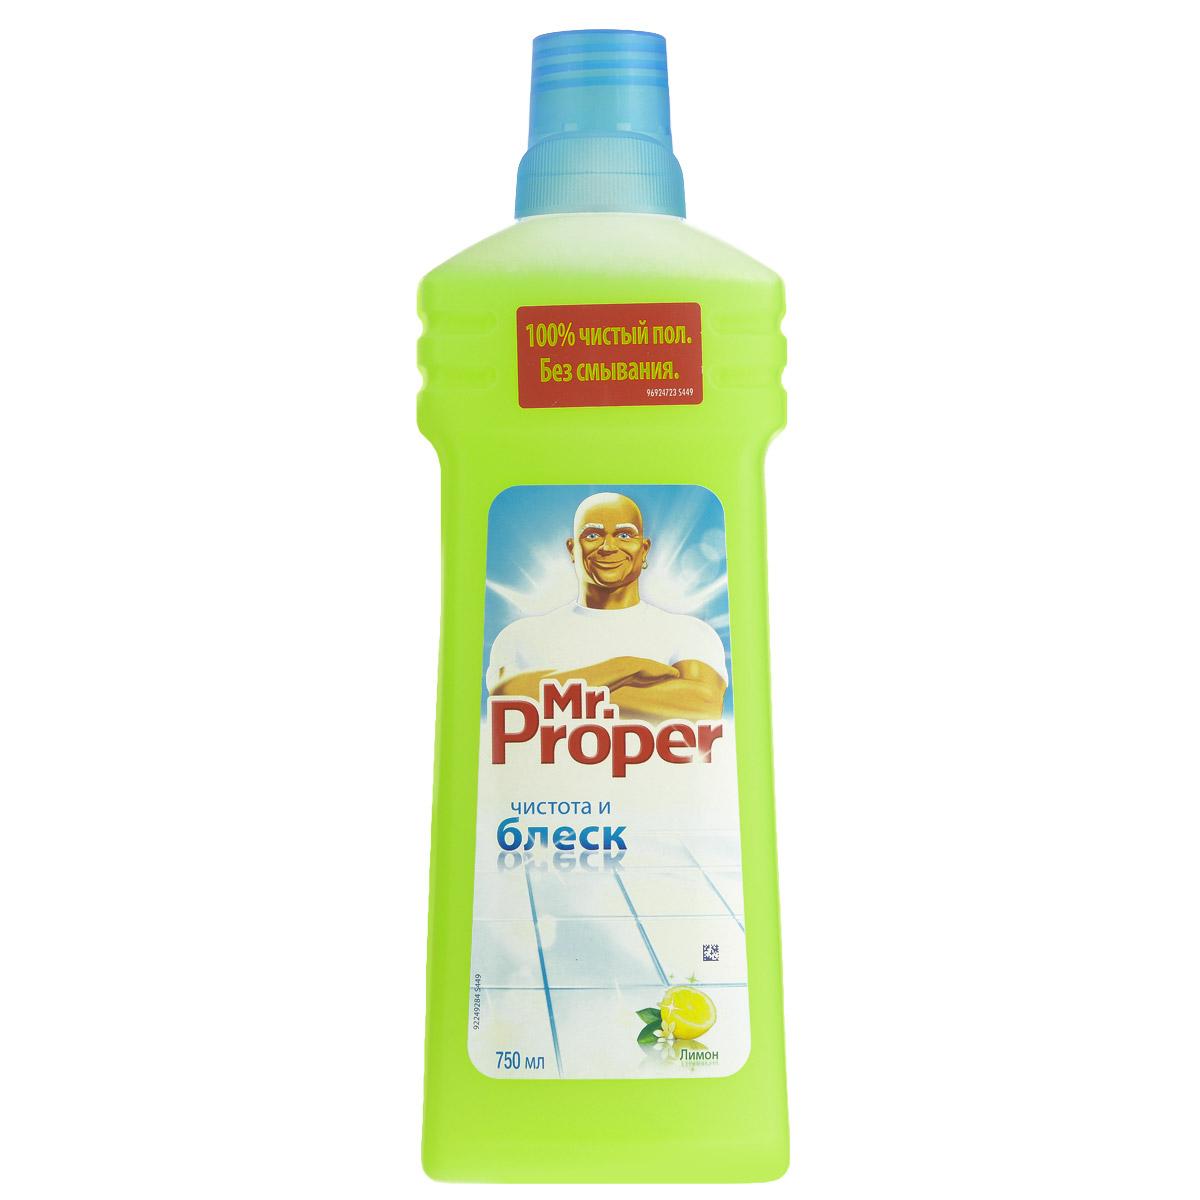 Моющая жидкость для уборки Mr. Proper Лимон, 750 мл787502Моющая жидкость для уборки Mr. Proper Лимон отмывает полы и стены быстро и легко. Его безвредная рН формула подходит для различных поверхностей, включая лакированный паркет и ламинат. Раствор (60 мл на 5 л воды) не нужно смывать. Состав: Товар сертифицирован.Уважаемые клиенты!Обращаем ваше внимание на возможные изменения в дизайне упаковки. Качественные характеристики товара остаются неизменными. Поставка осуществляется в зависимости от наличия на складе.